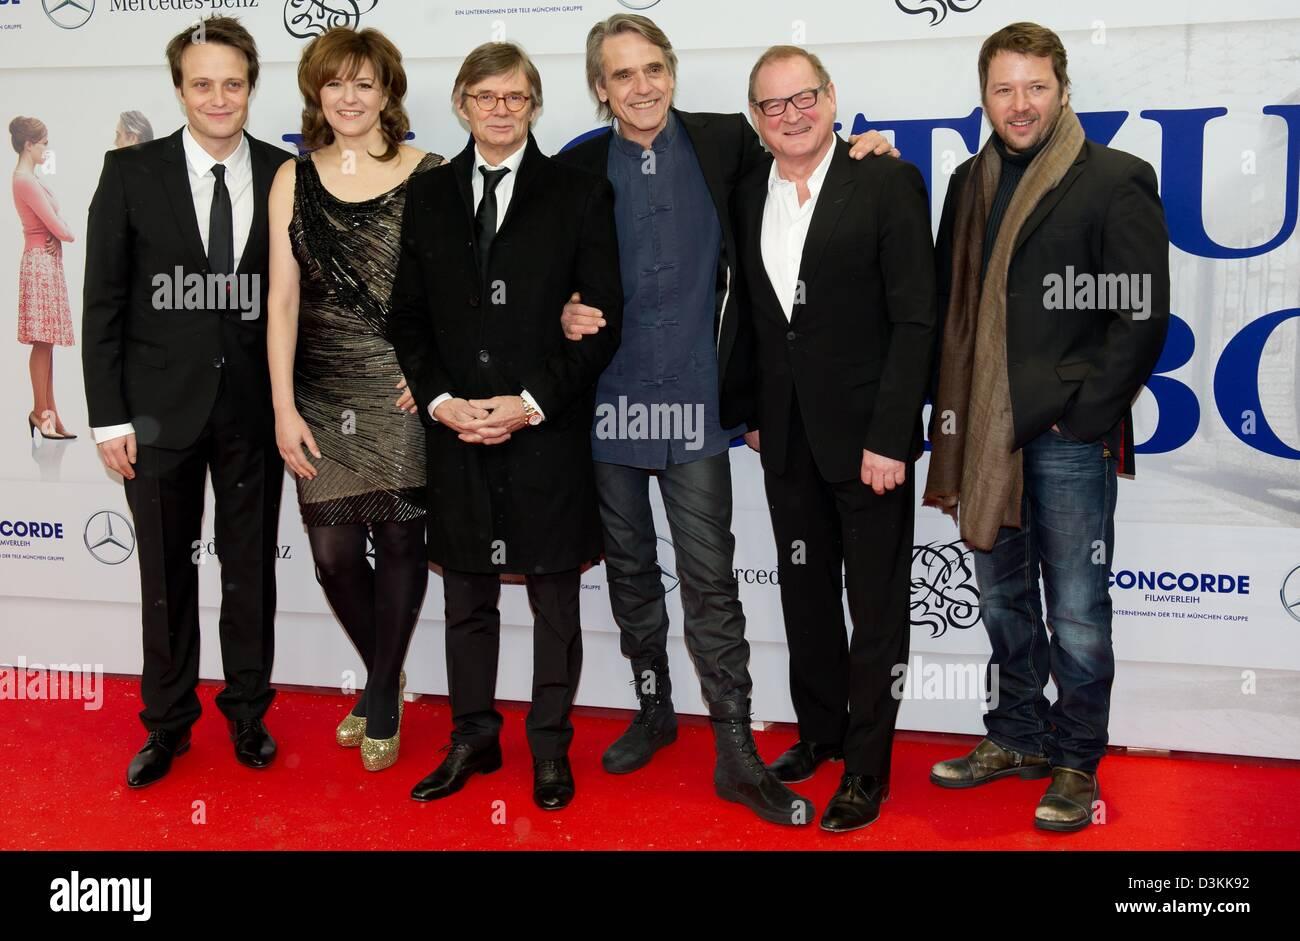 Schauspieler (L-R) August Diehl, Martina Gedeck, dänischen Regisseur Bille August, Jeremy Irons, Burghart Klaußner Stockbild